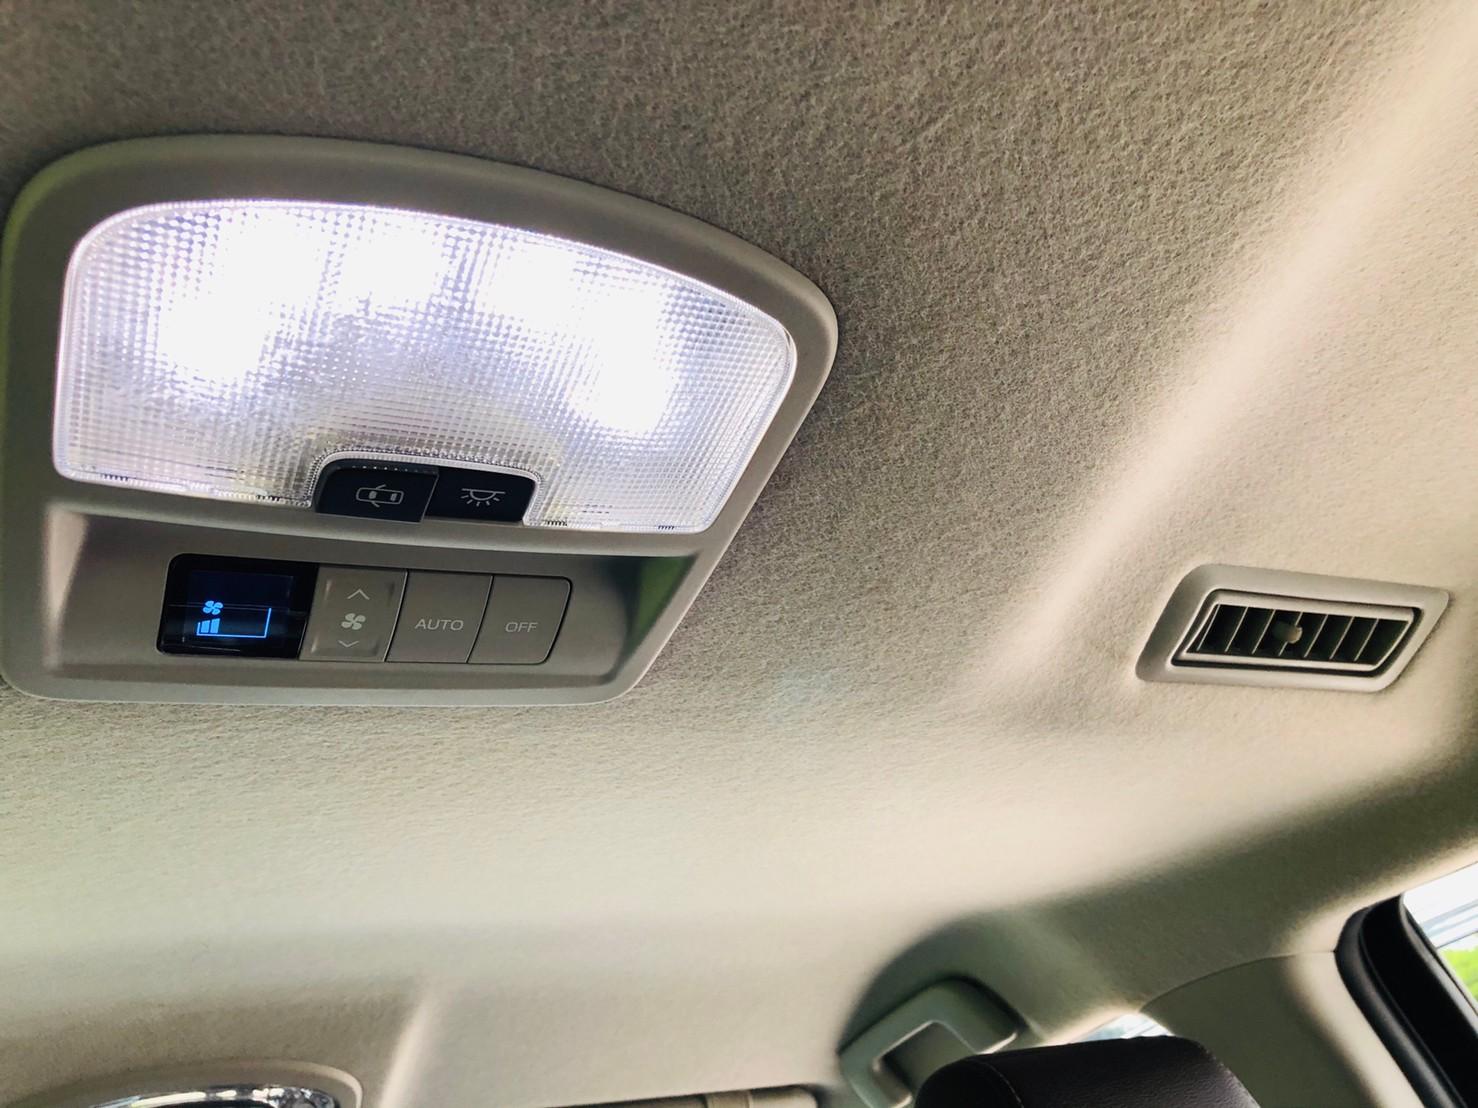 ภาพไฟด้านบน โตโยต้า ฟอร์จูนเนอร์ 2.4 V 4WD ปี 2018